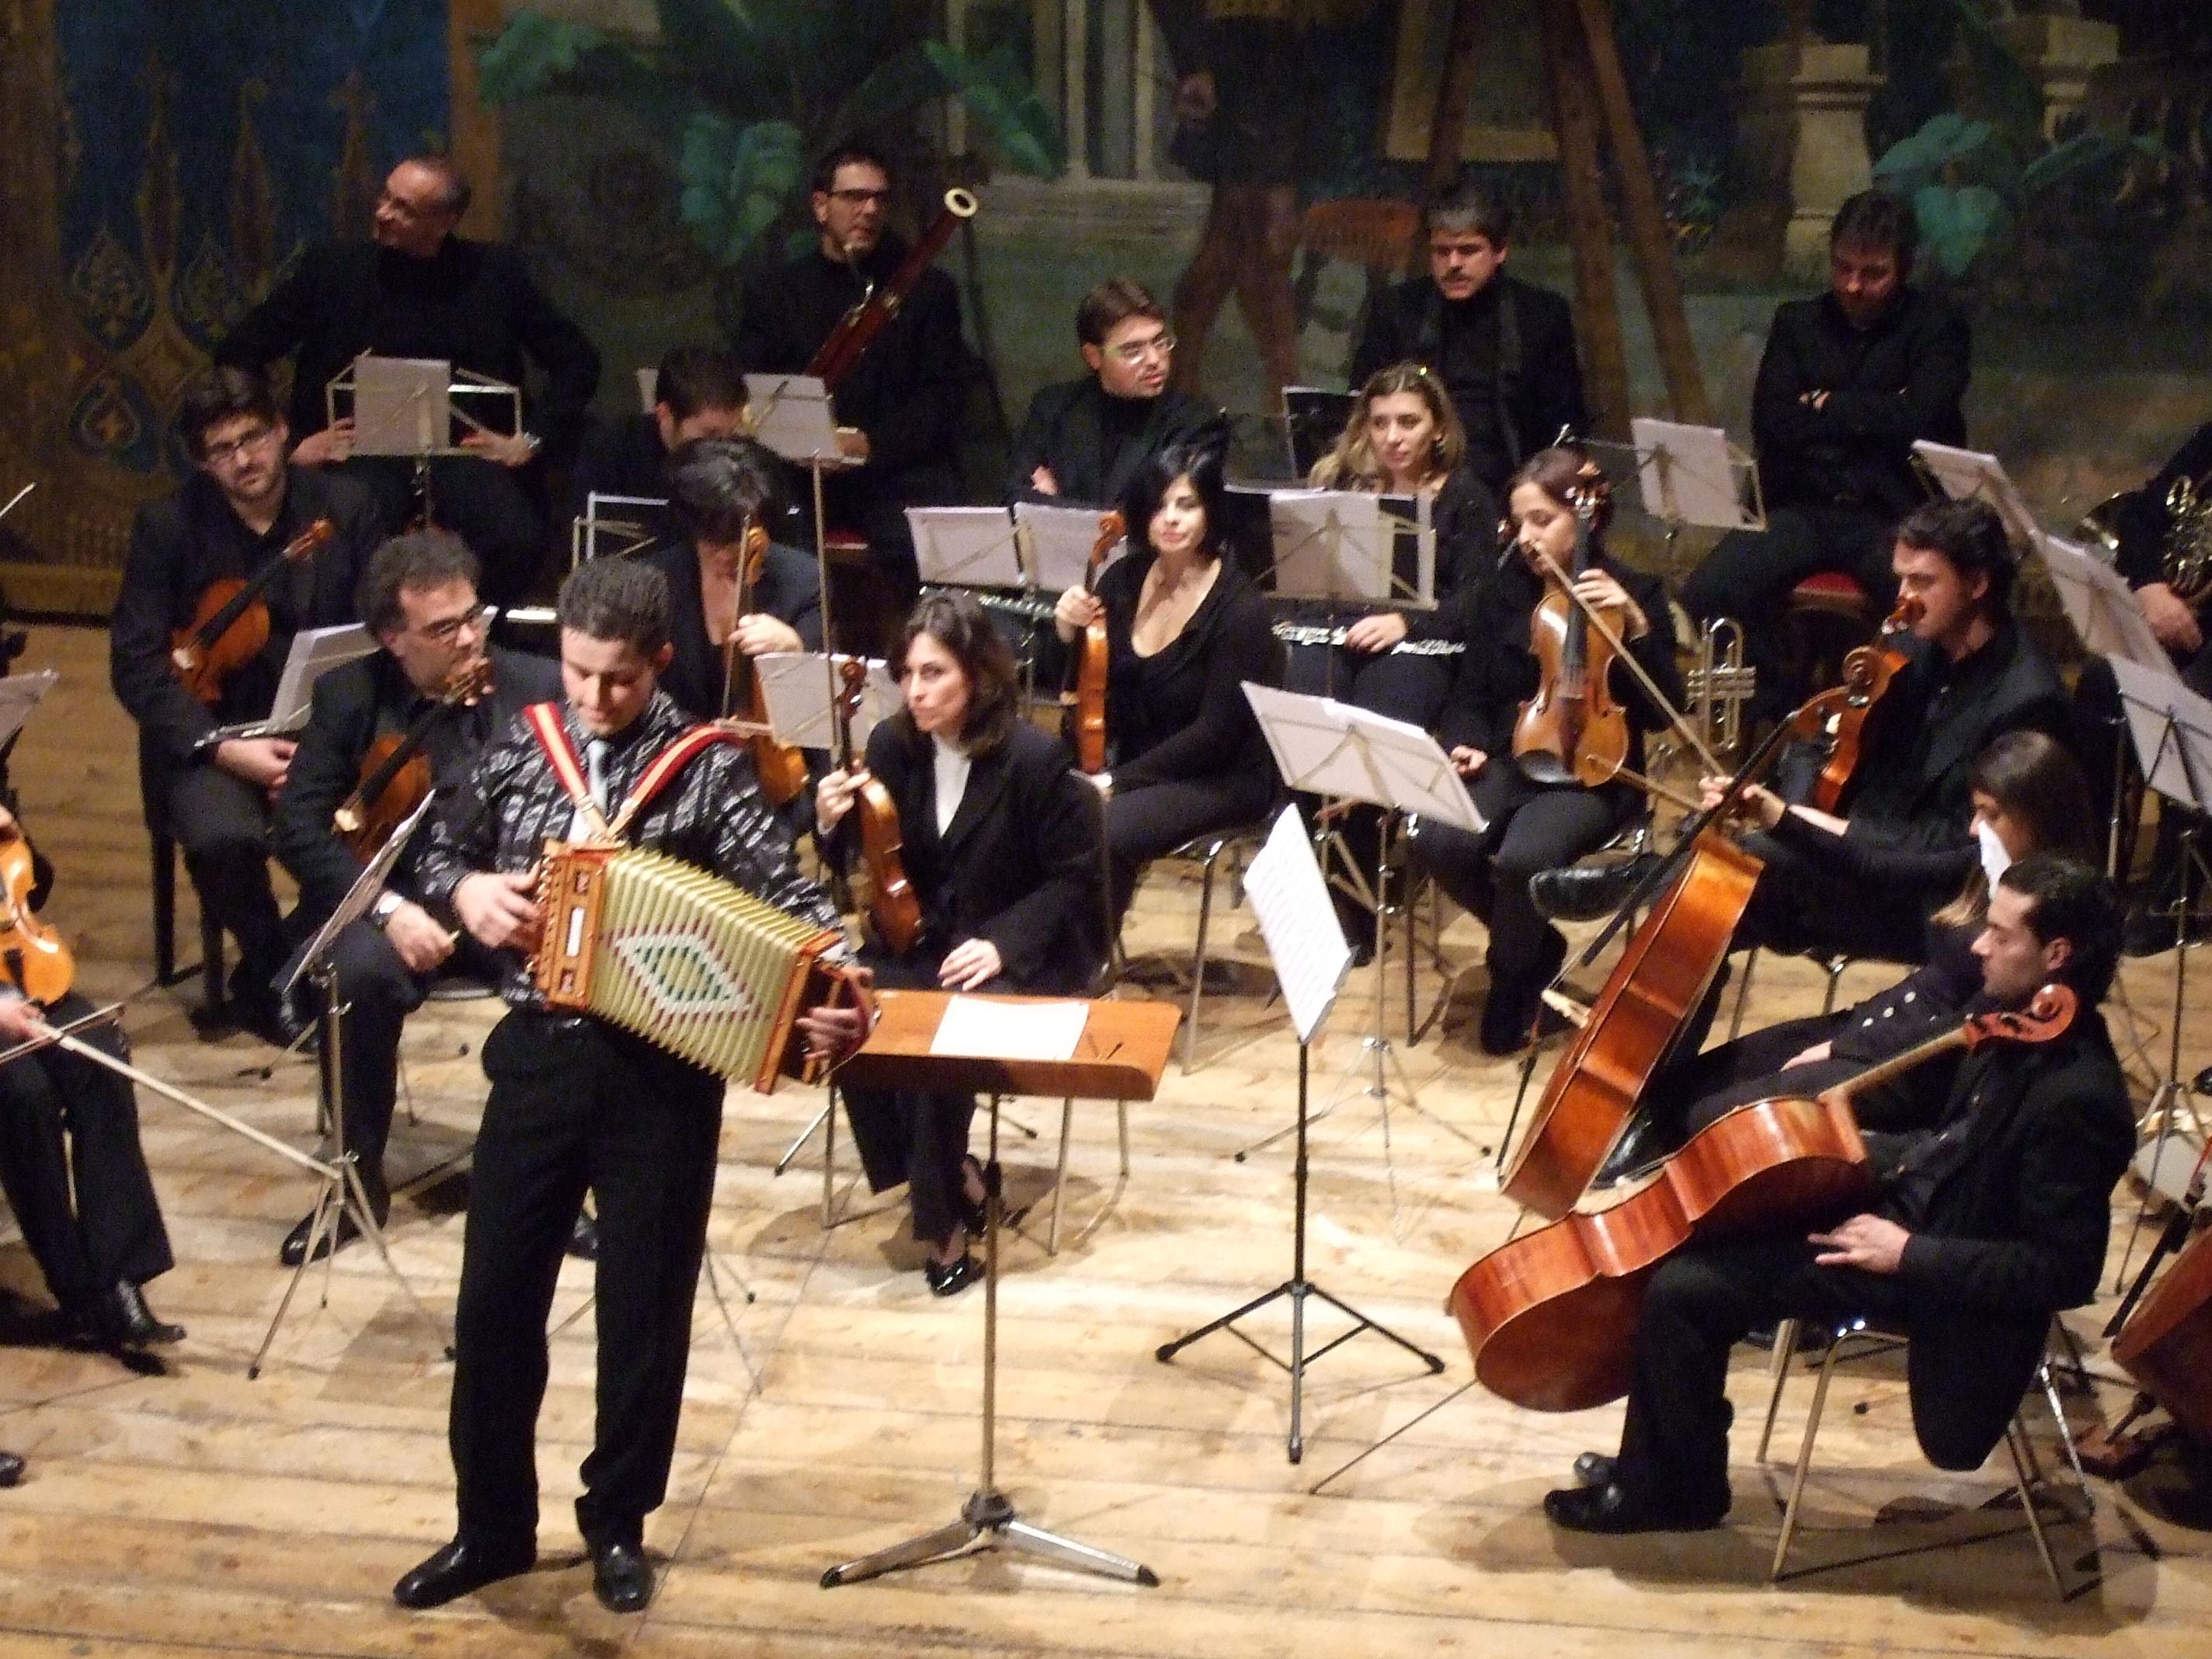 Francesco Tassoni e Orchestra Regionale delle Marche